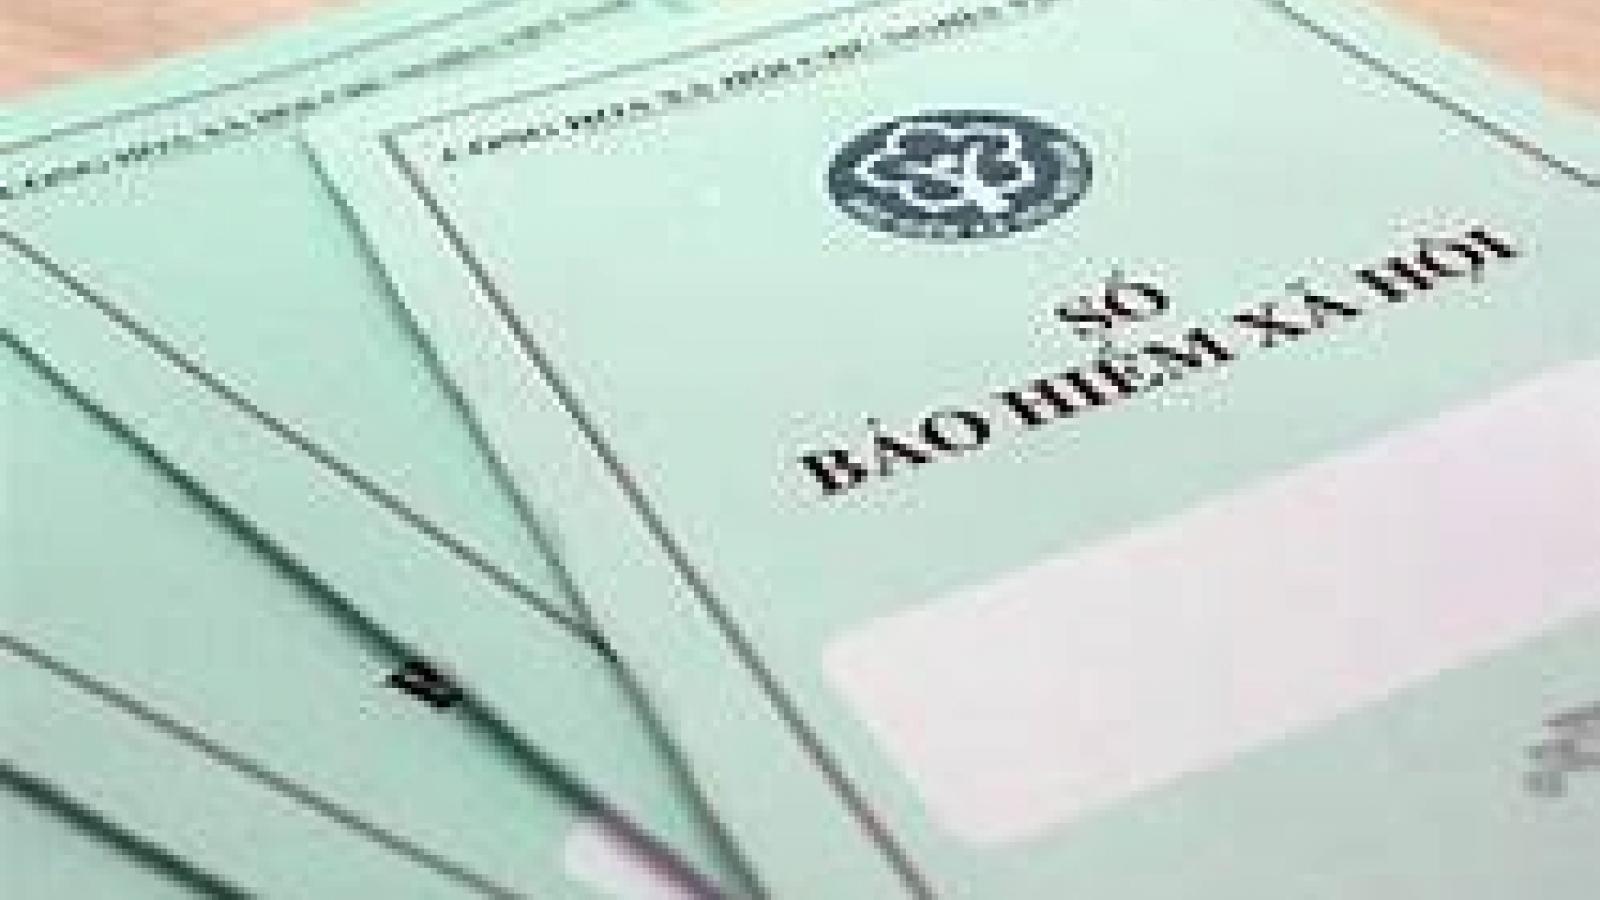 """Thanh Hoá kiến nghị""""hình sự hoá"""" vấn đề nợ đọng bảo hiểm"""